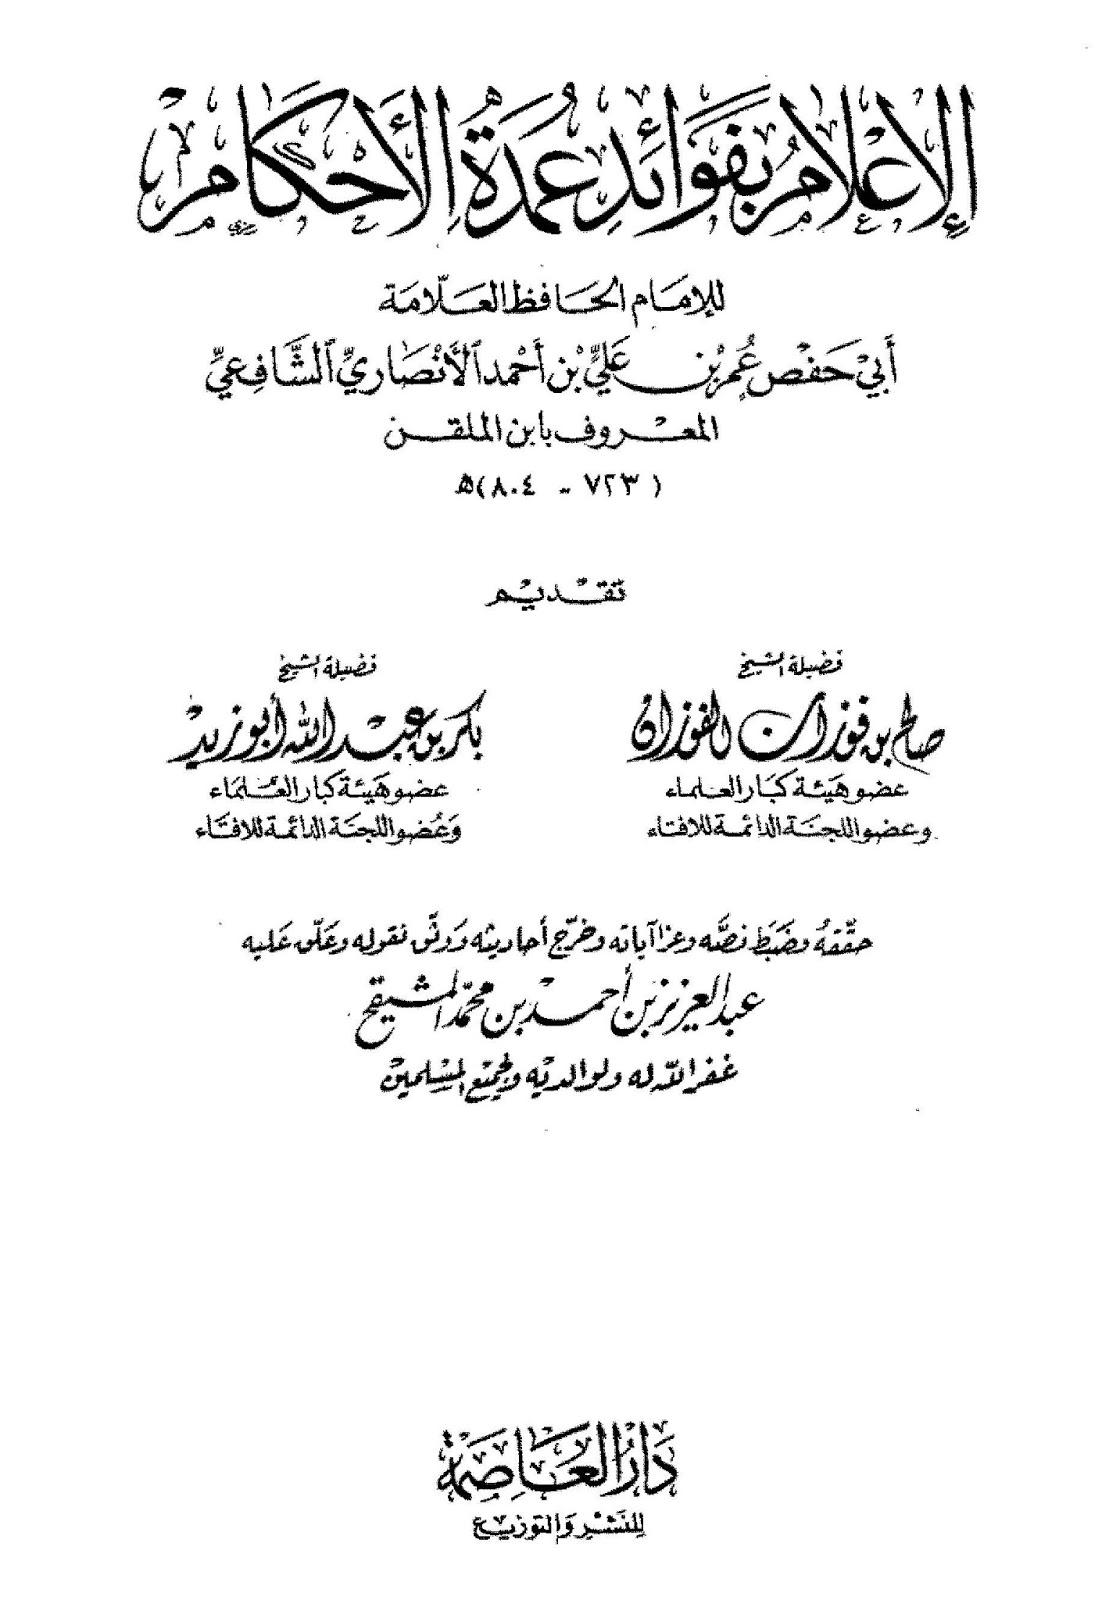 الإعلام بفوائد عمدة الأحكام لابن الملقن ( 11 مجلد على رابط واحد ) pdf